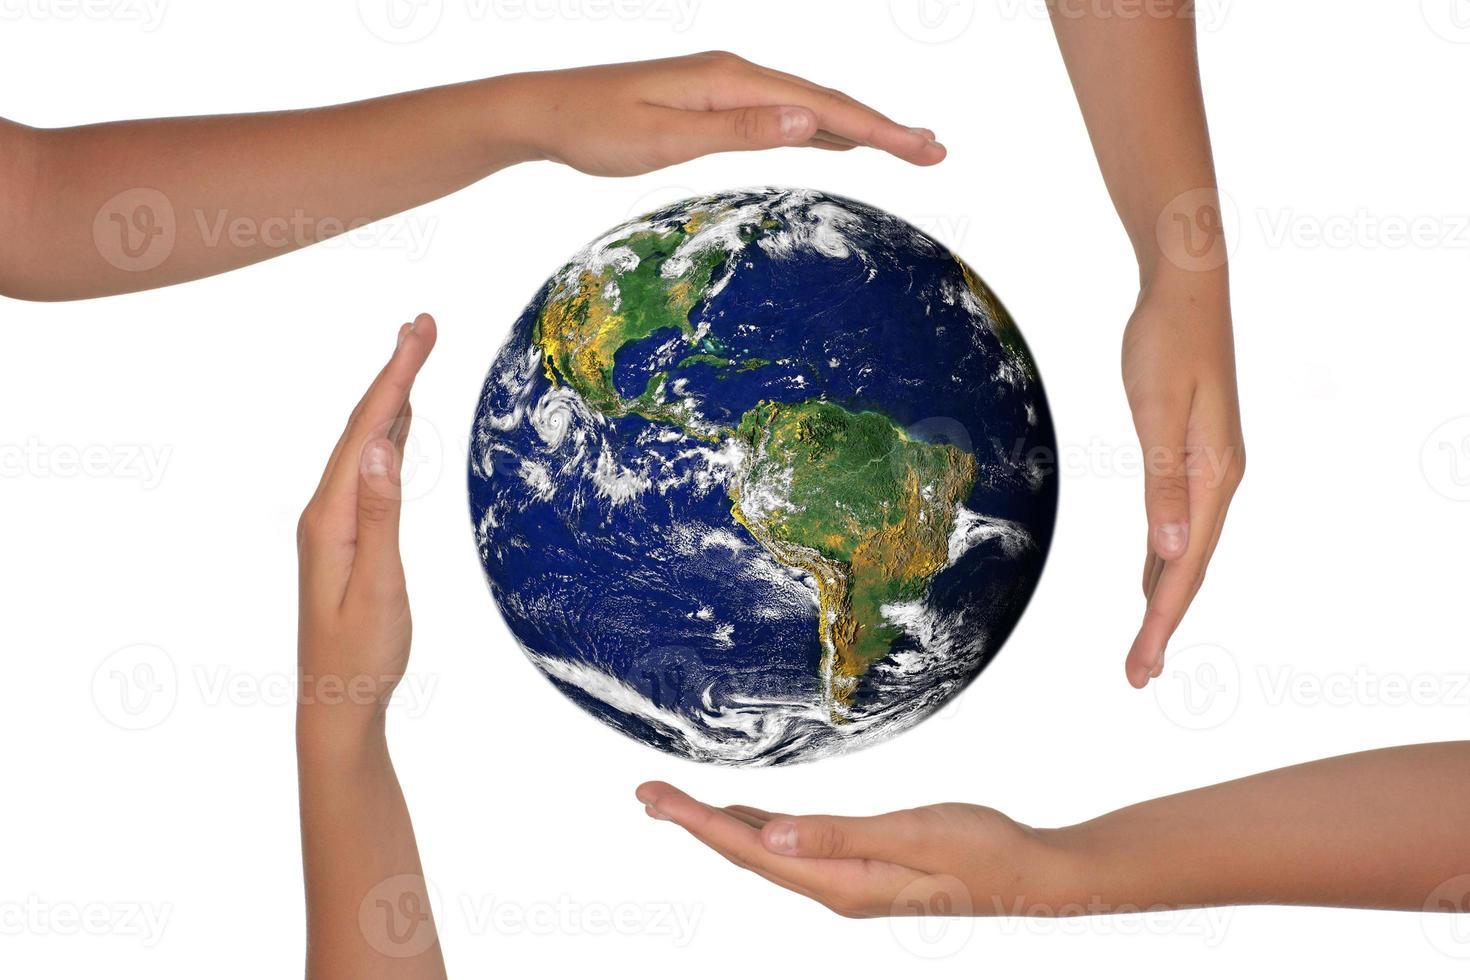 mani intorno a una visione satellitare della terra foto